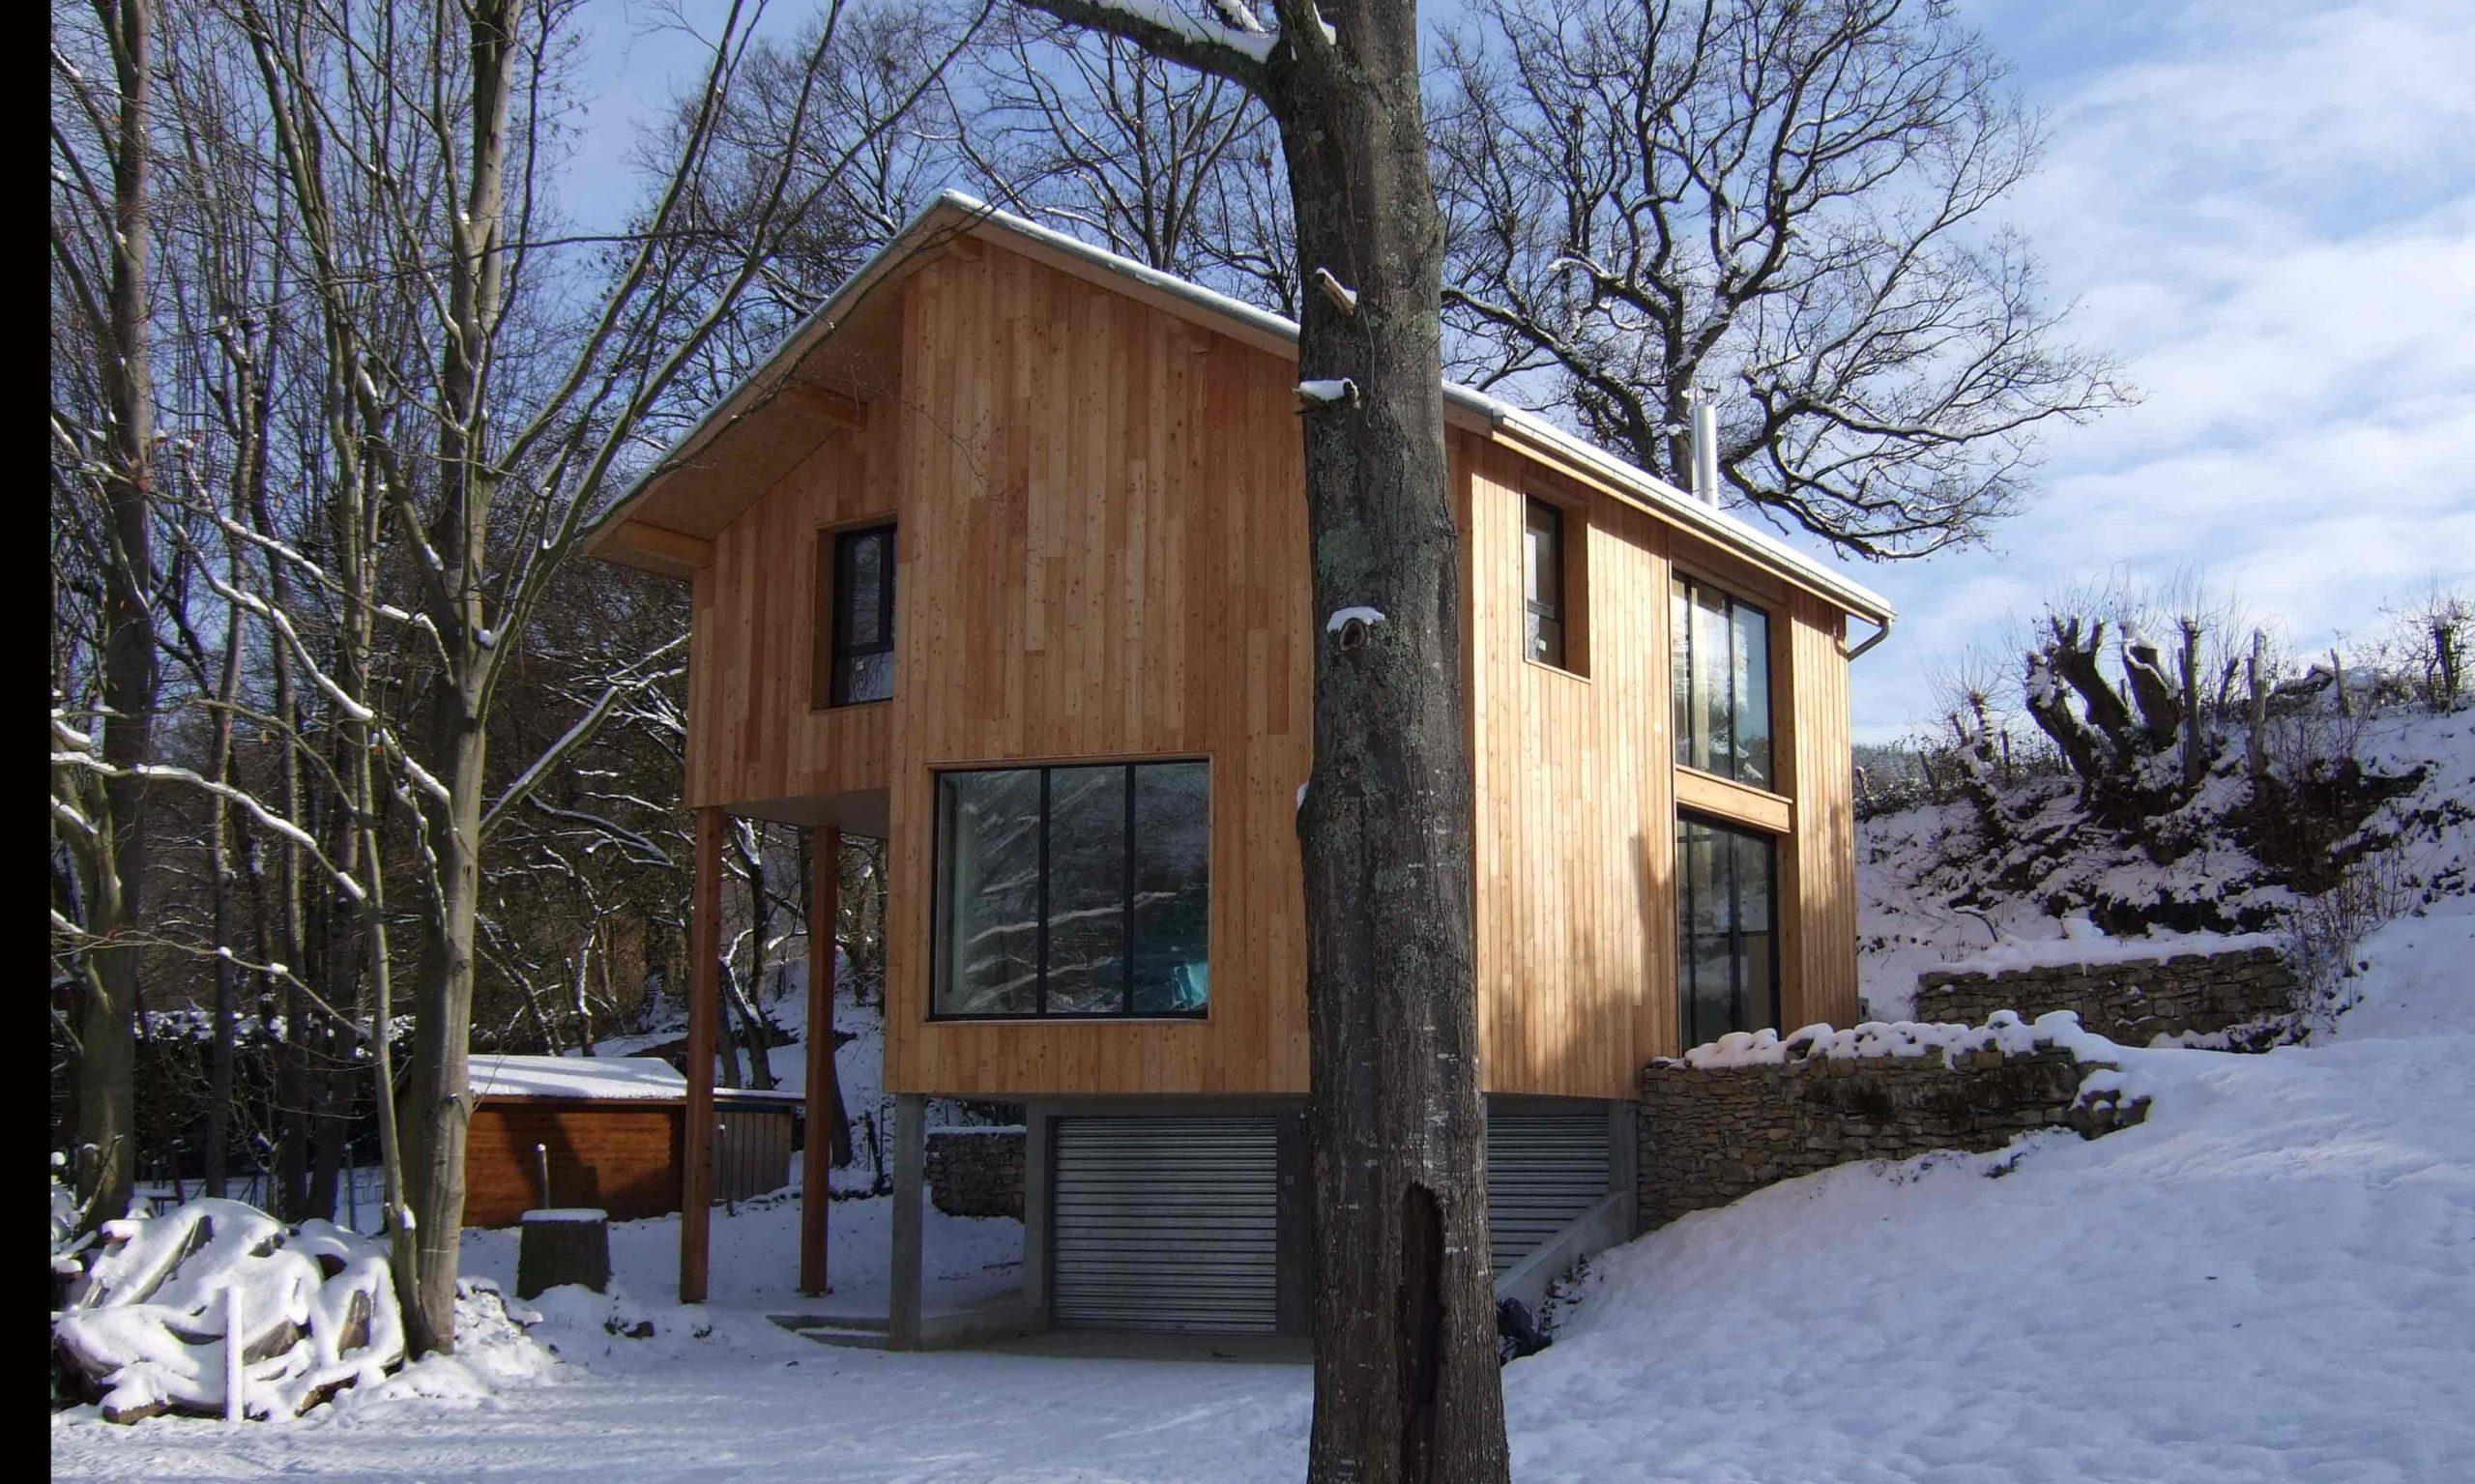 Maison bois Isère